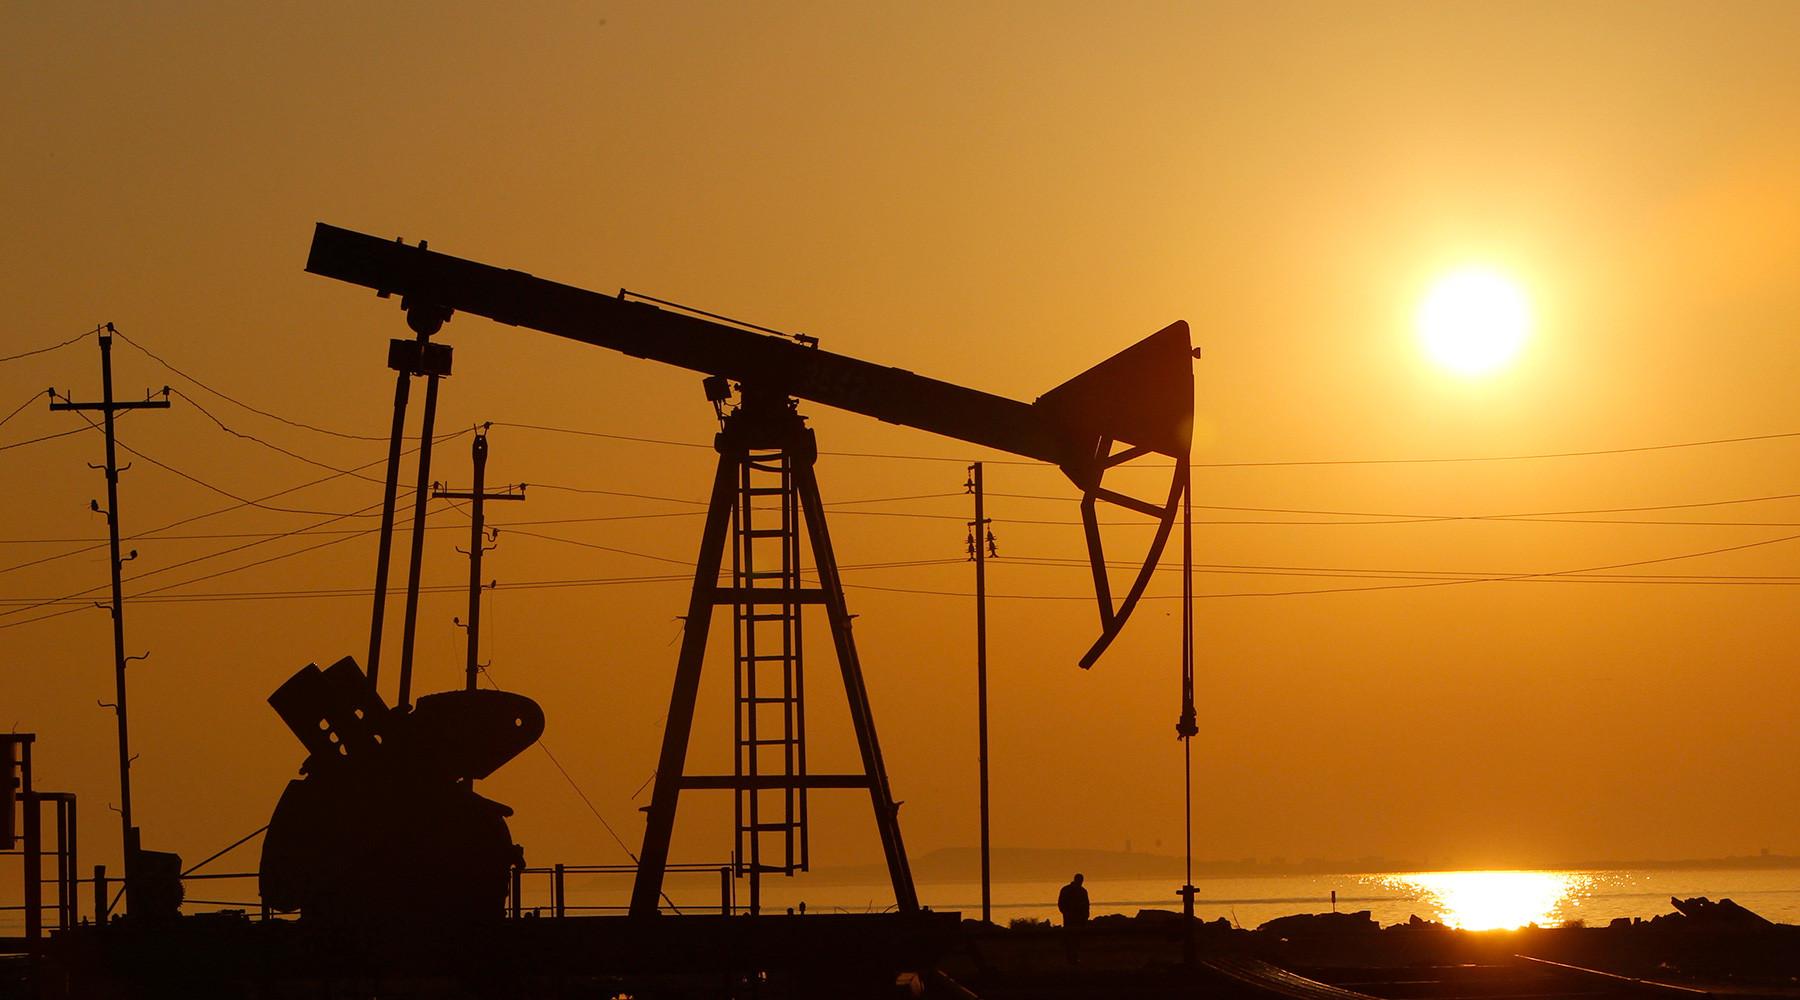 Нефтяной срыв: когда цена на углеводороды вырастет до $55—60 за баррель